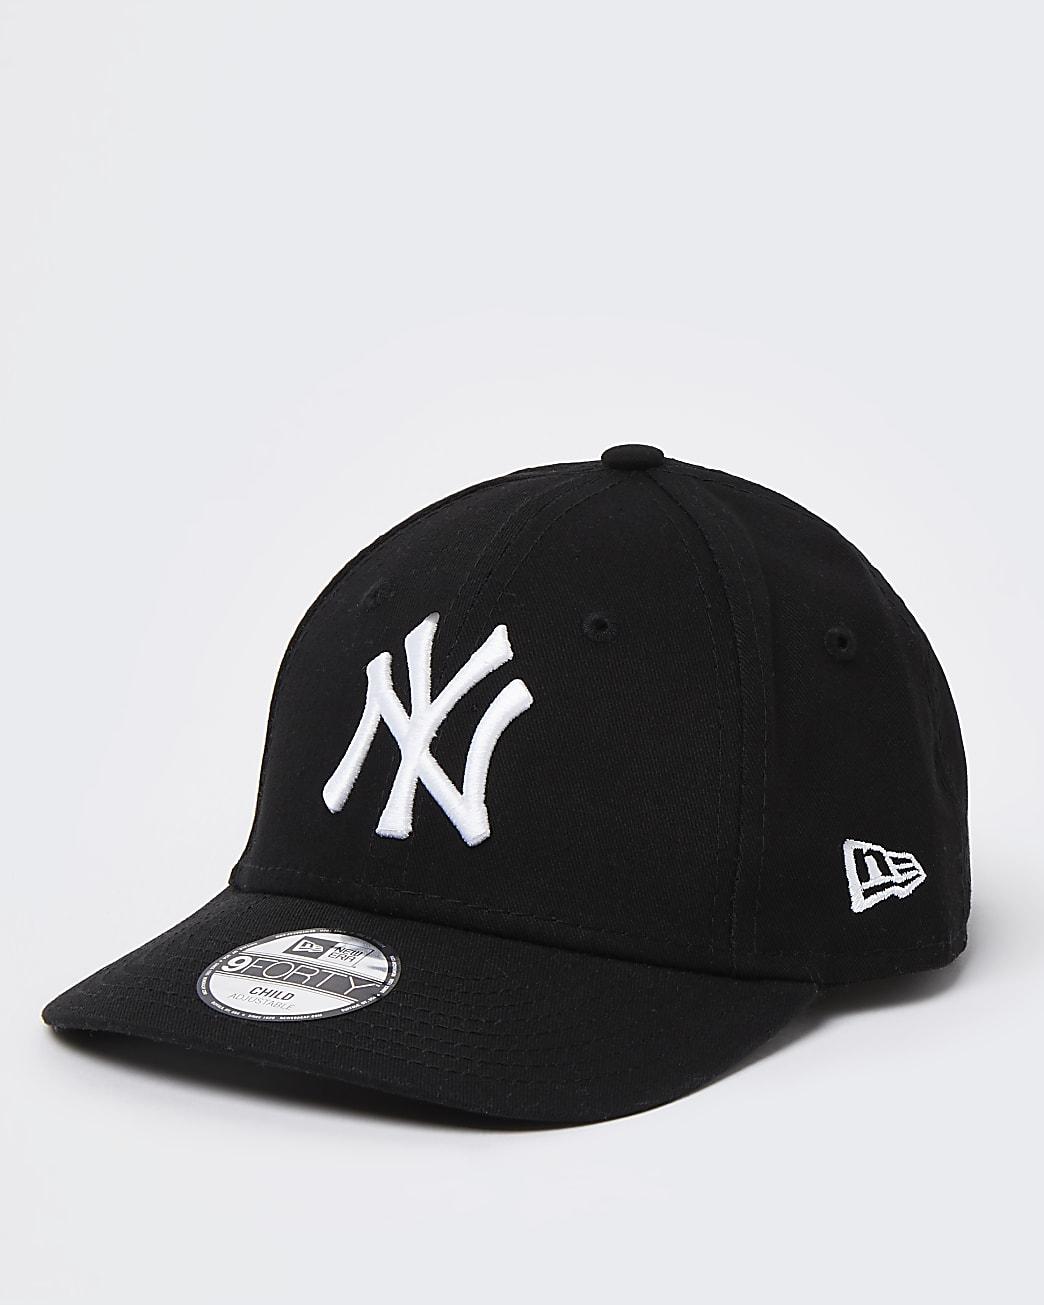 Boys black New Era NY yankees cap